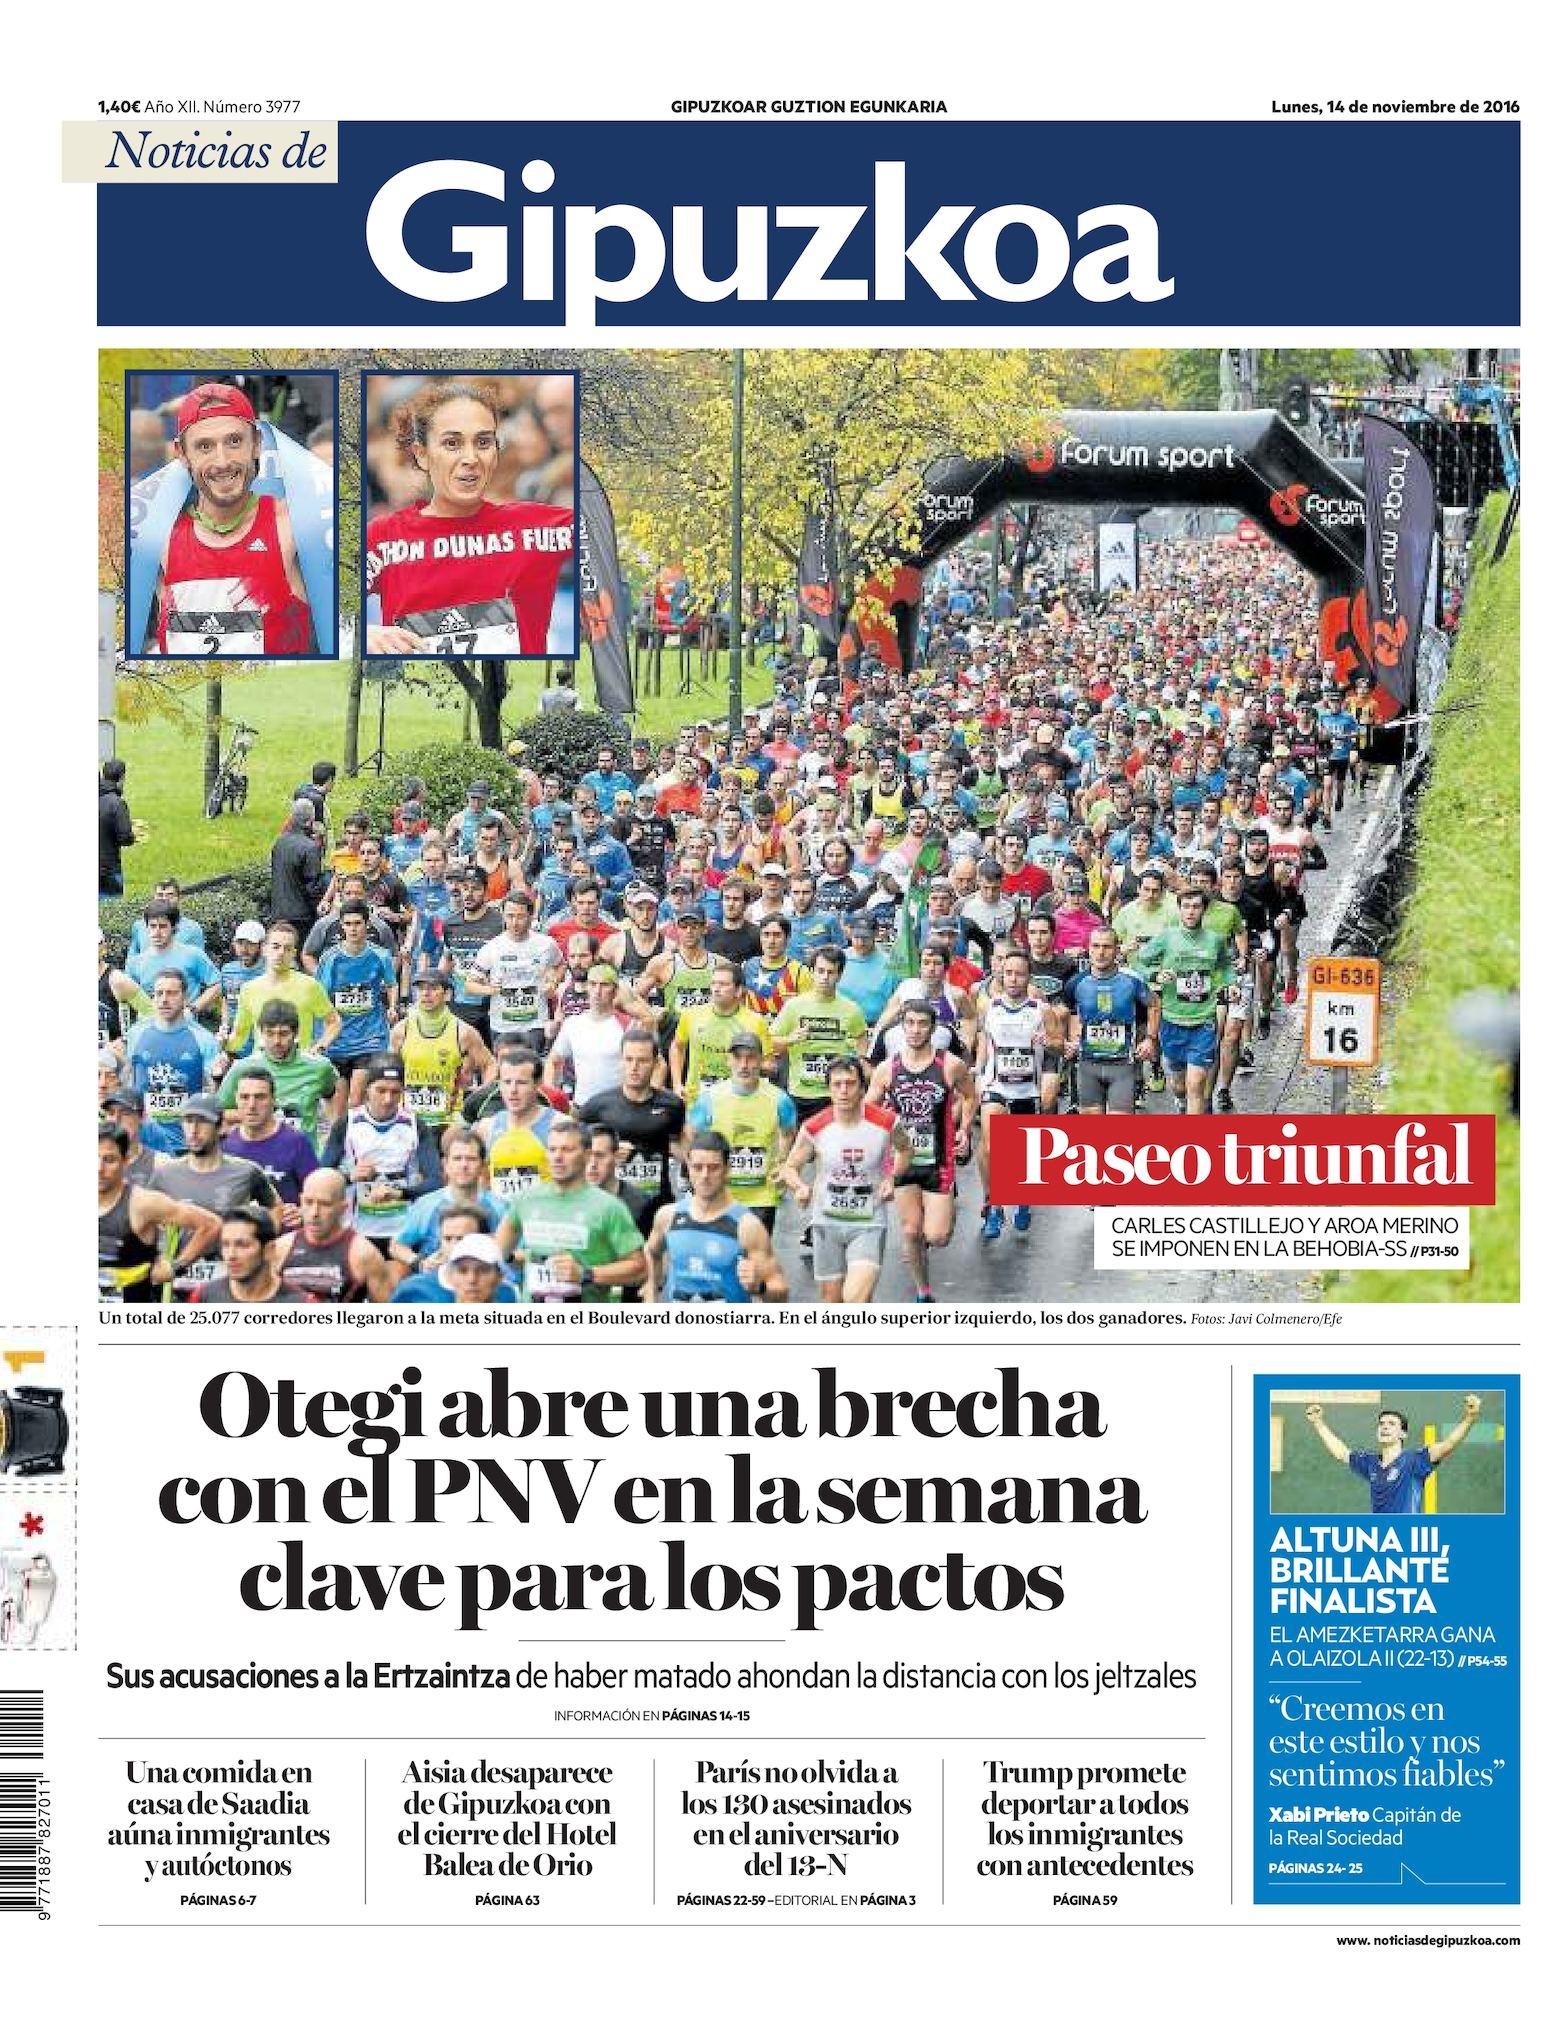 d9d296782a742 Calaméo - Noticias de Gipuzkoa 20161114